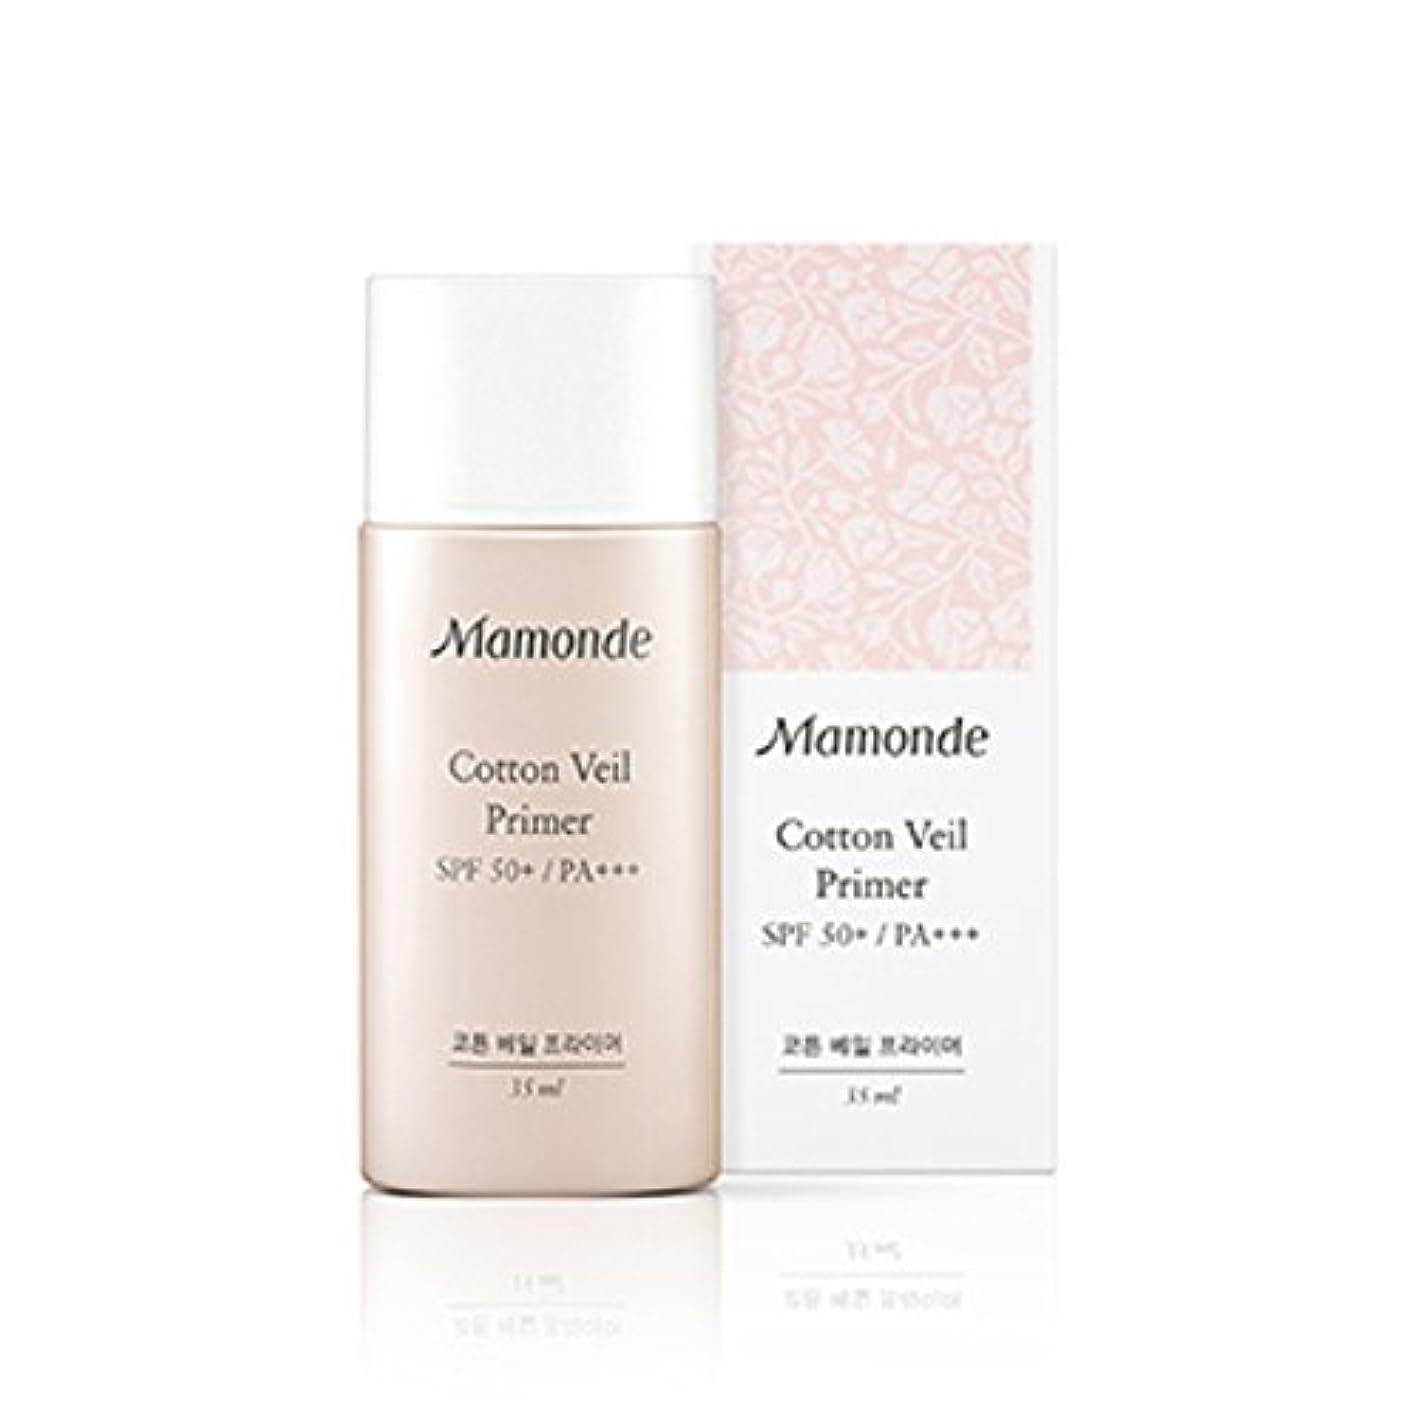 わがままシンプルさここに[New] Mamonde Cotton Veil Primer (SPF50+ PA+++) 35ml/マモンド コットン ベール プライマー (SPF50+ PA+++) 35ml (#2 Beige Rose) [...